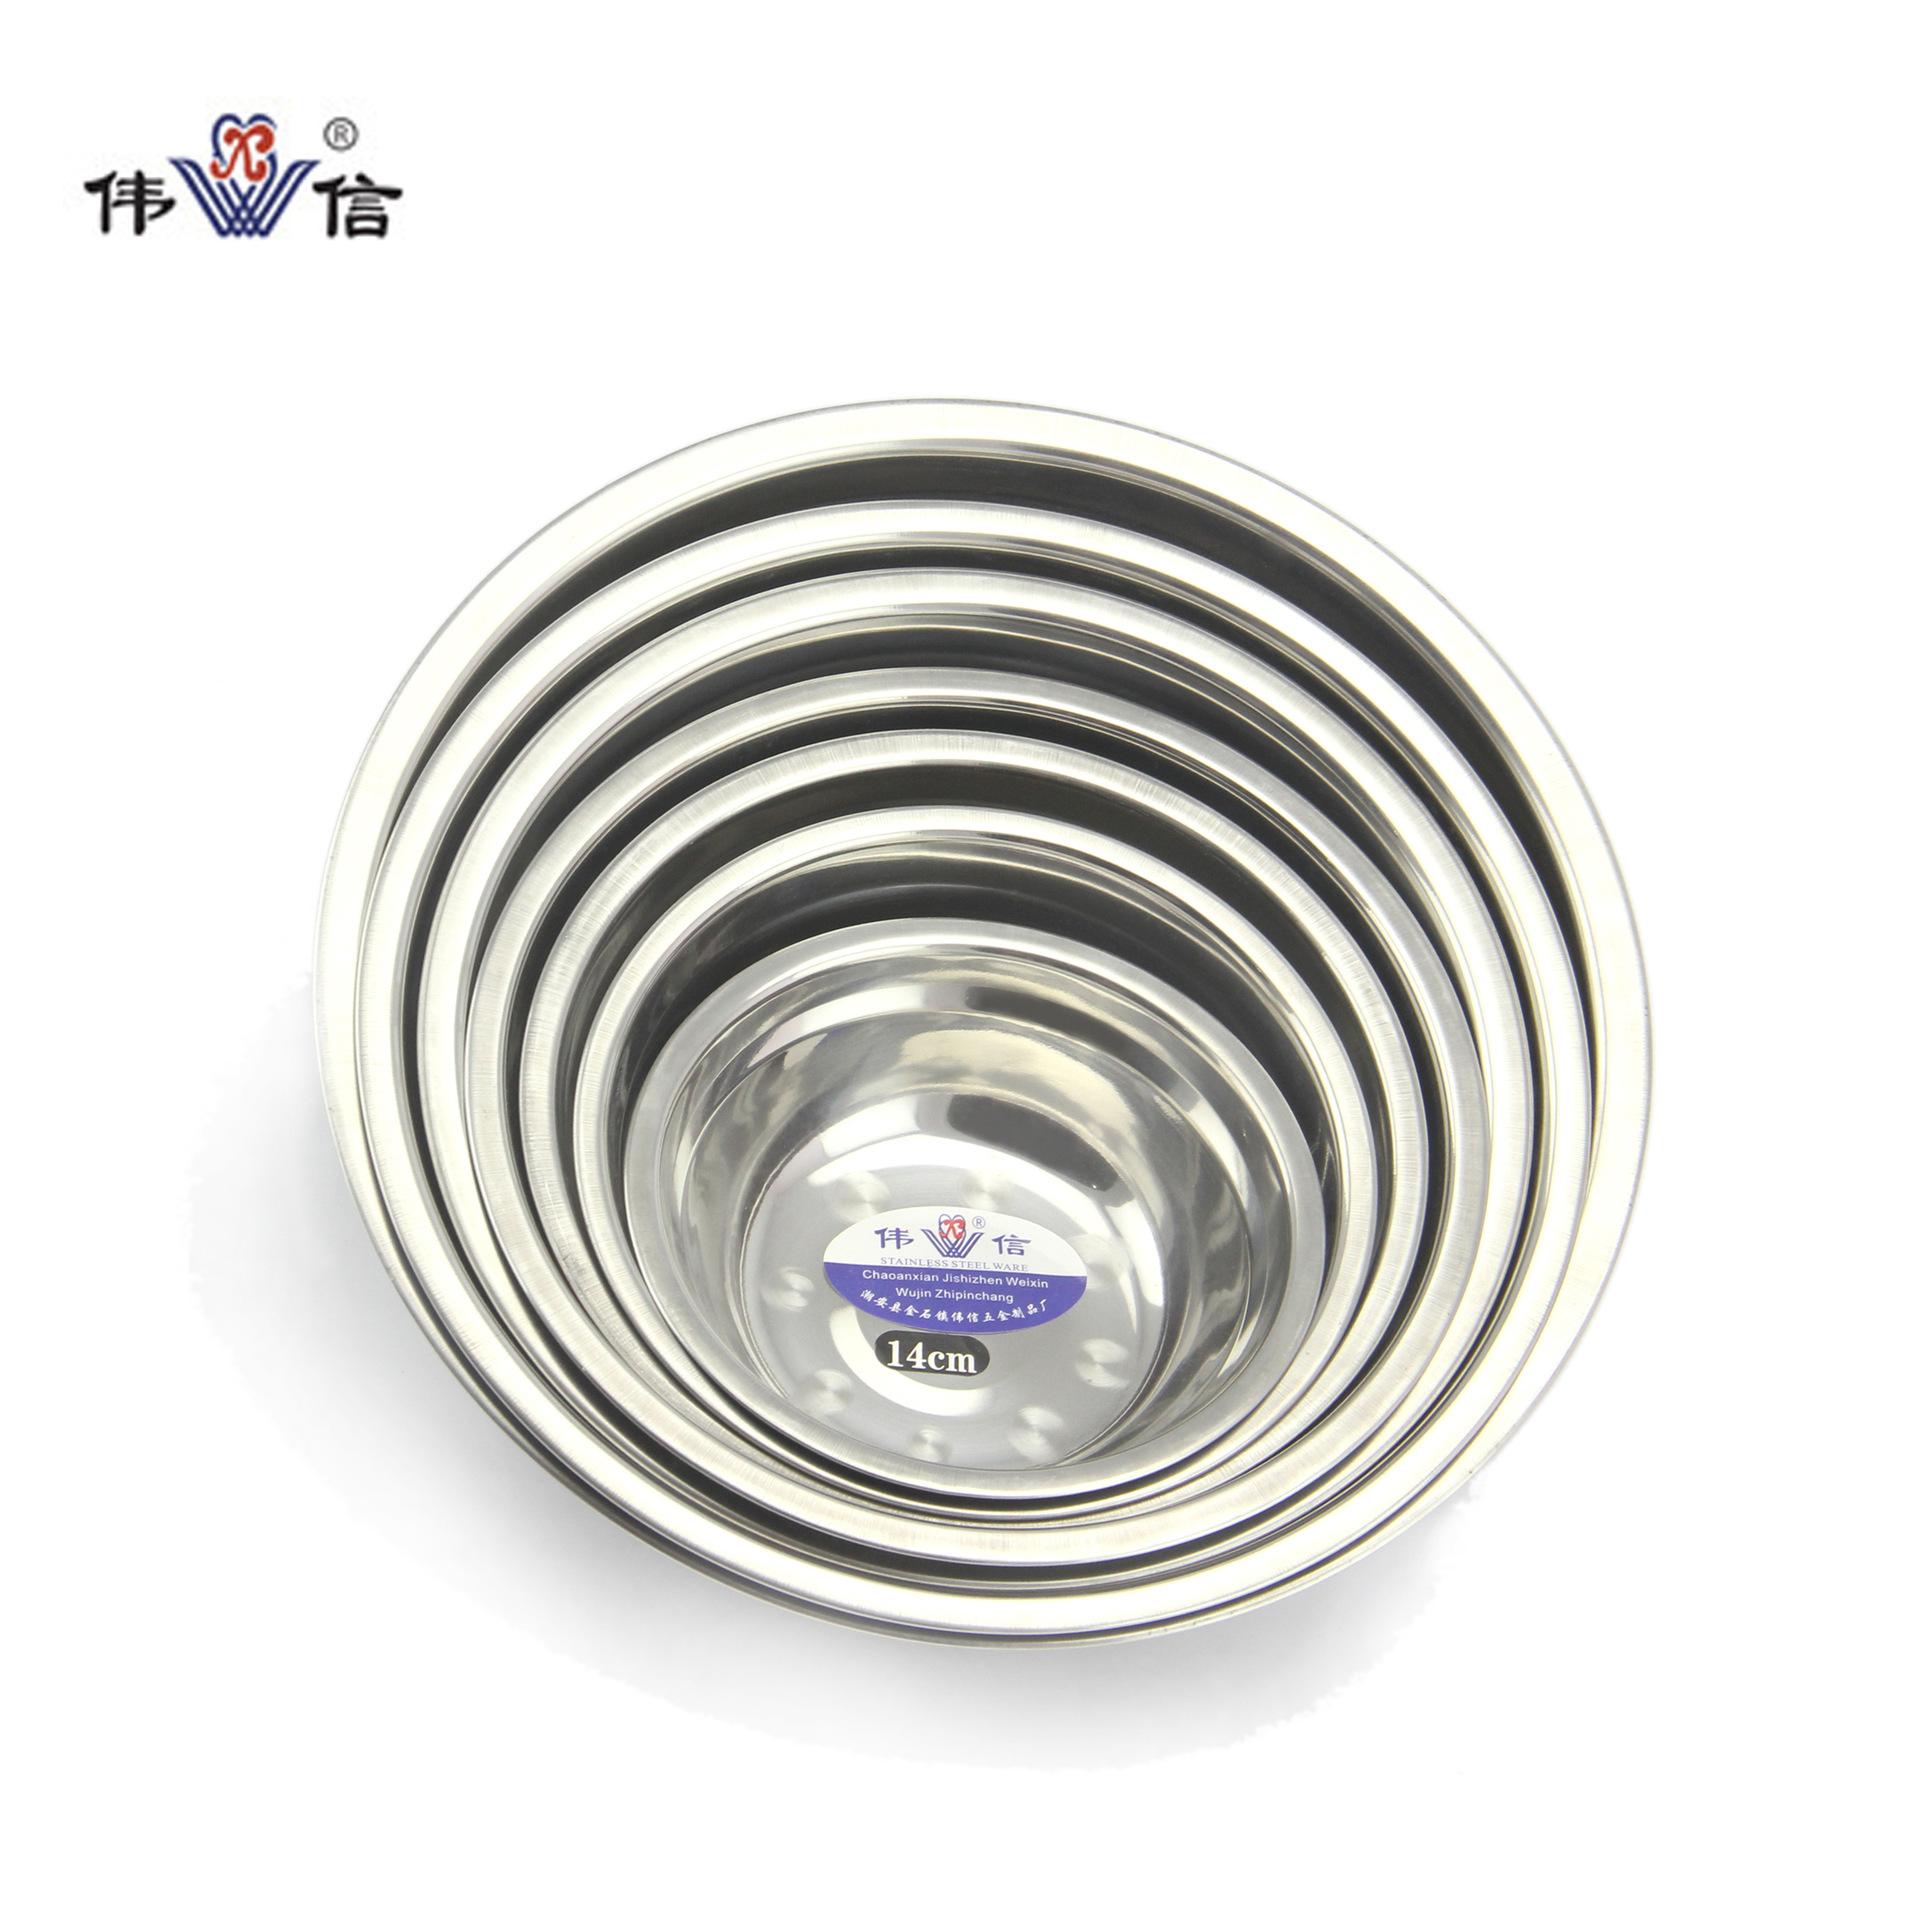 【伟信味斗】03不锈钢汤盆24cm汤碗食堂幼儿园专用碗不锈钢盆批发